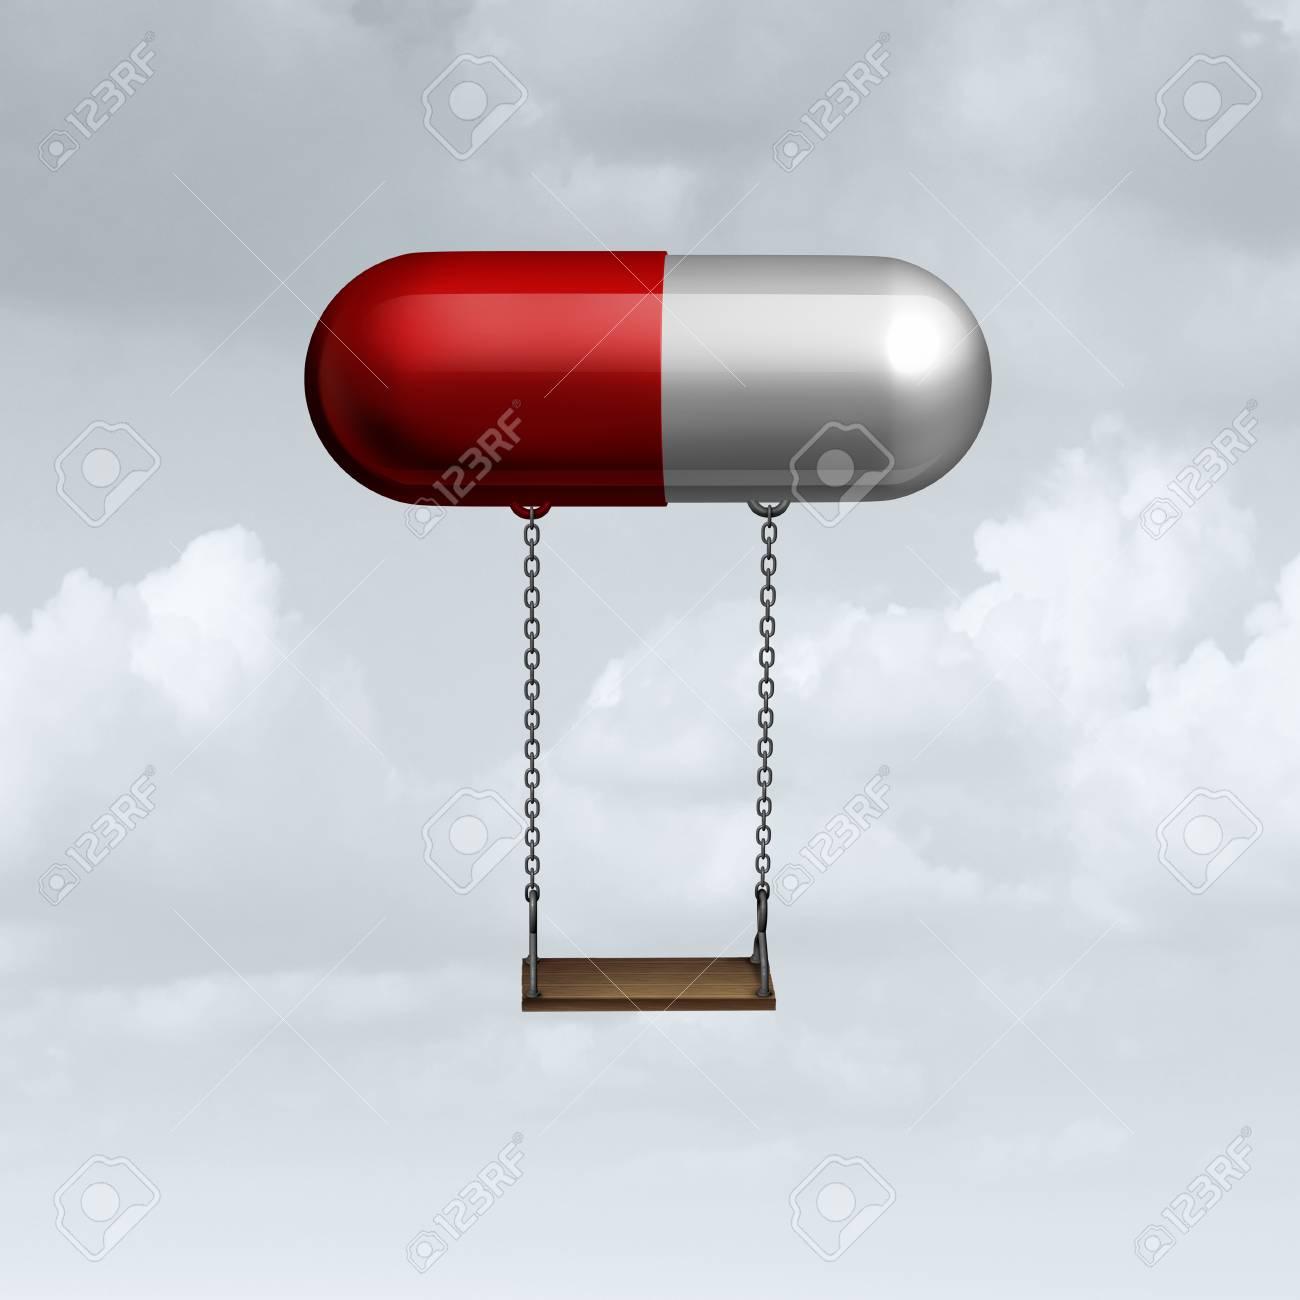 Child Medicine Concept As A Medical Symbol For Children Medication